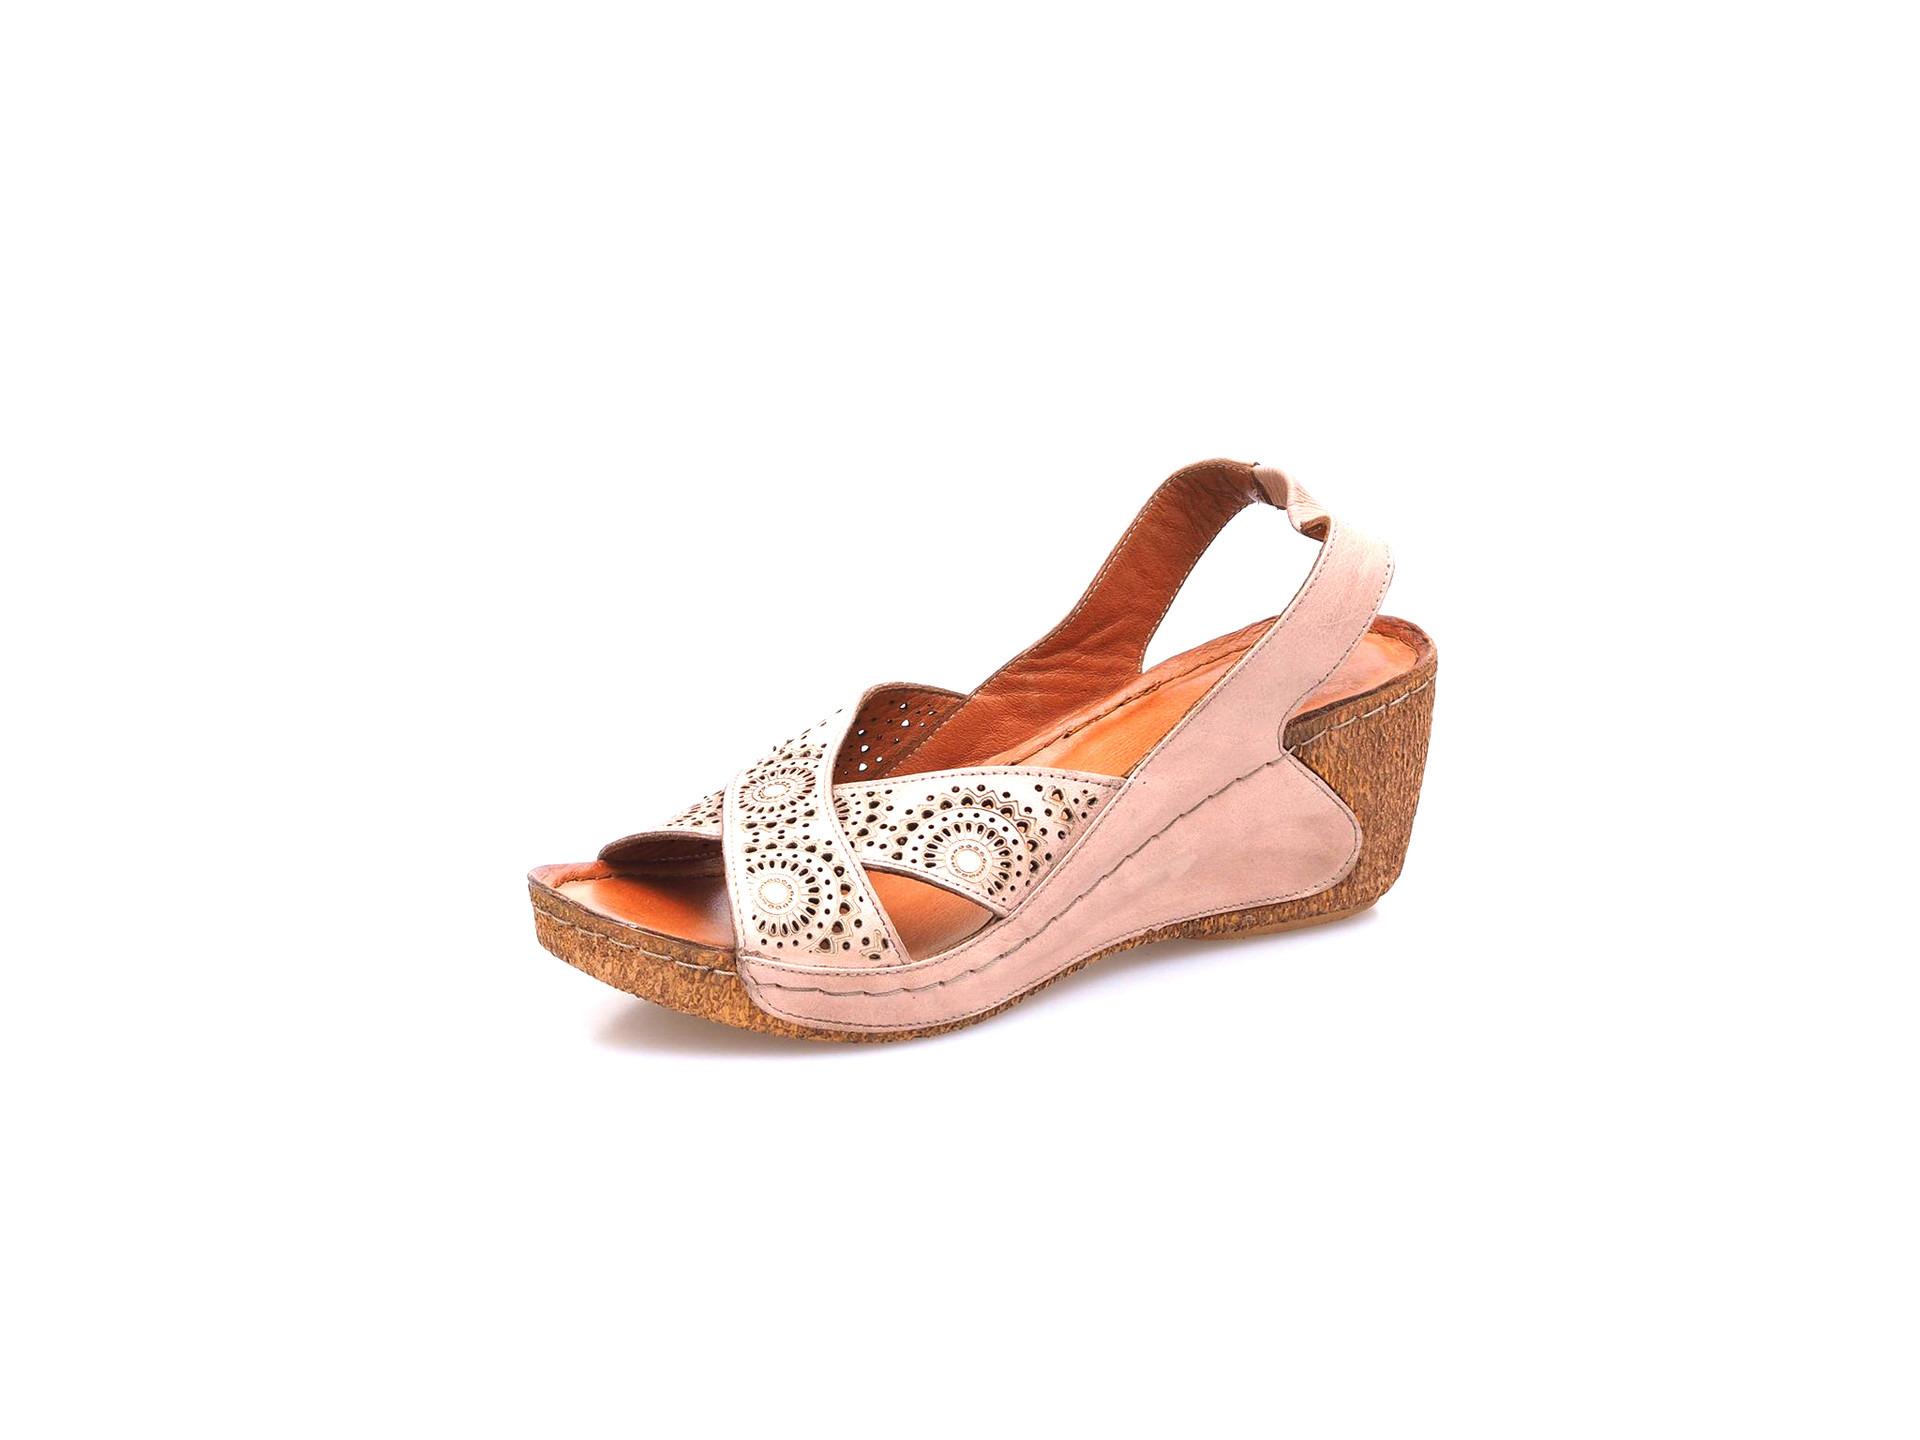 68485537c63 Soňa - Dámska obuv - Sandále - Dámska otvorená sandála na klinovom ...